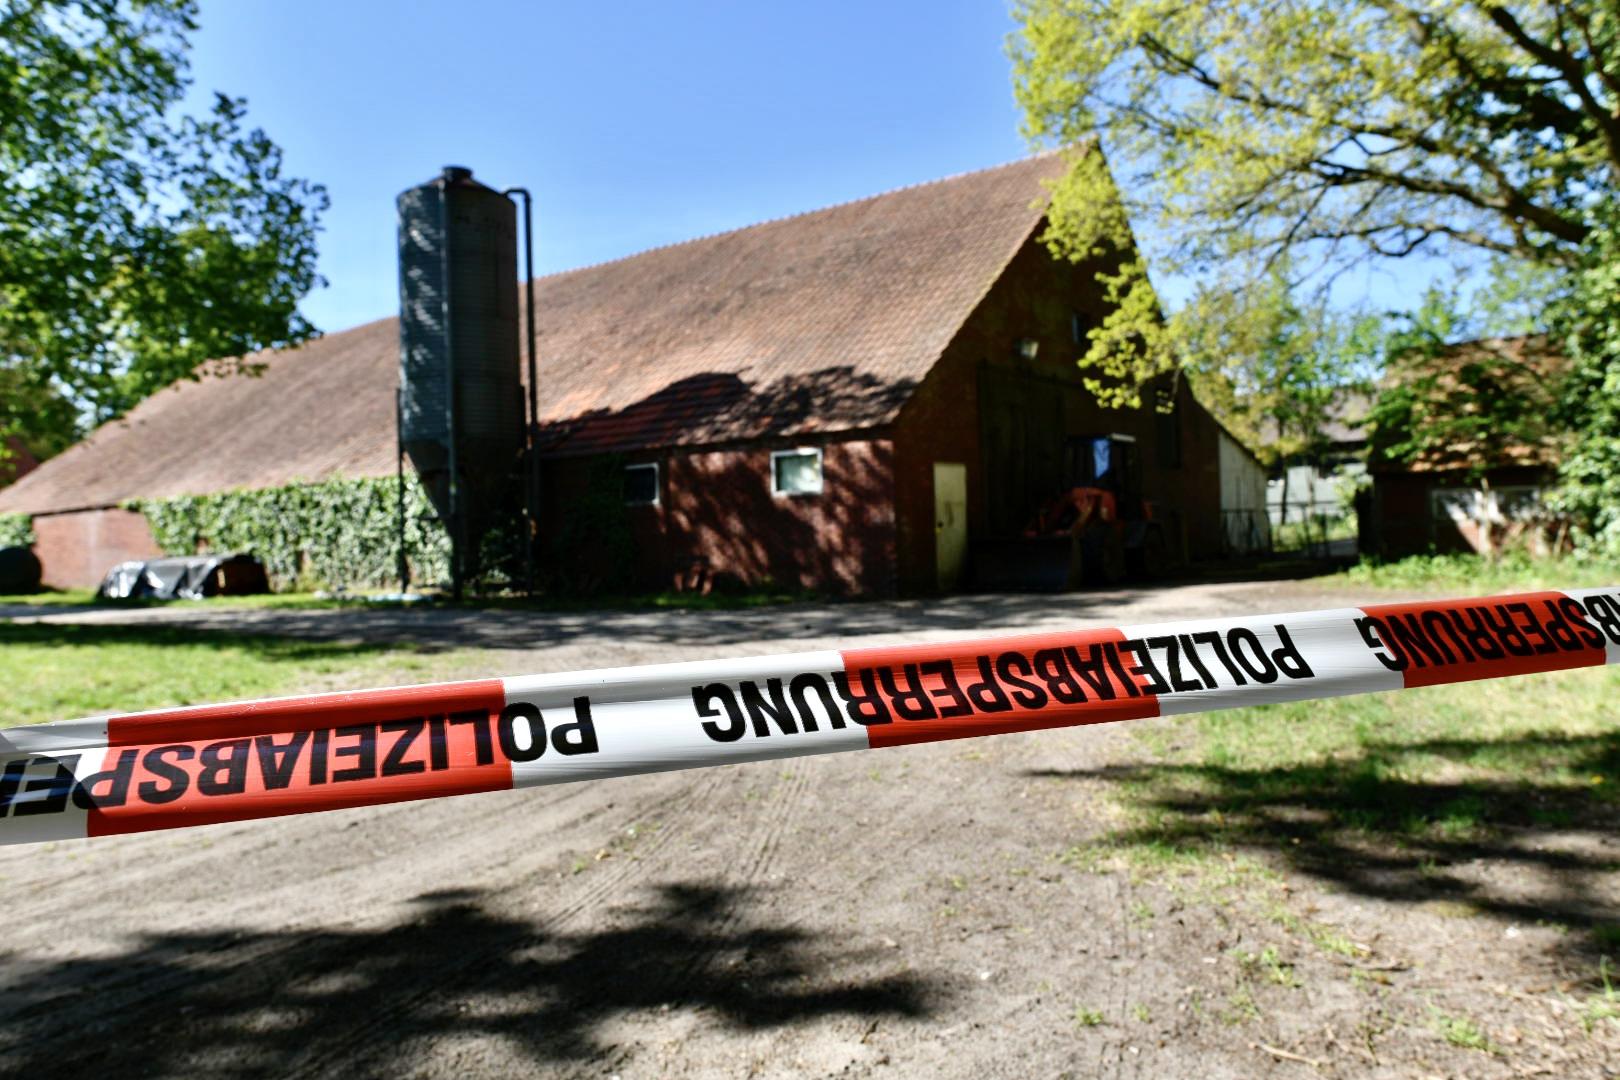 Drogen- statt Tierhaltung: Im diesem Stall wurde Marihuana im großen Stil angebaut. Die Polizei hat den Tatort in Madlage bei Löningen gesperrt. Foto: M. Niehues